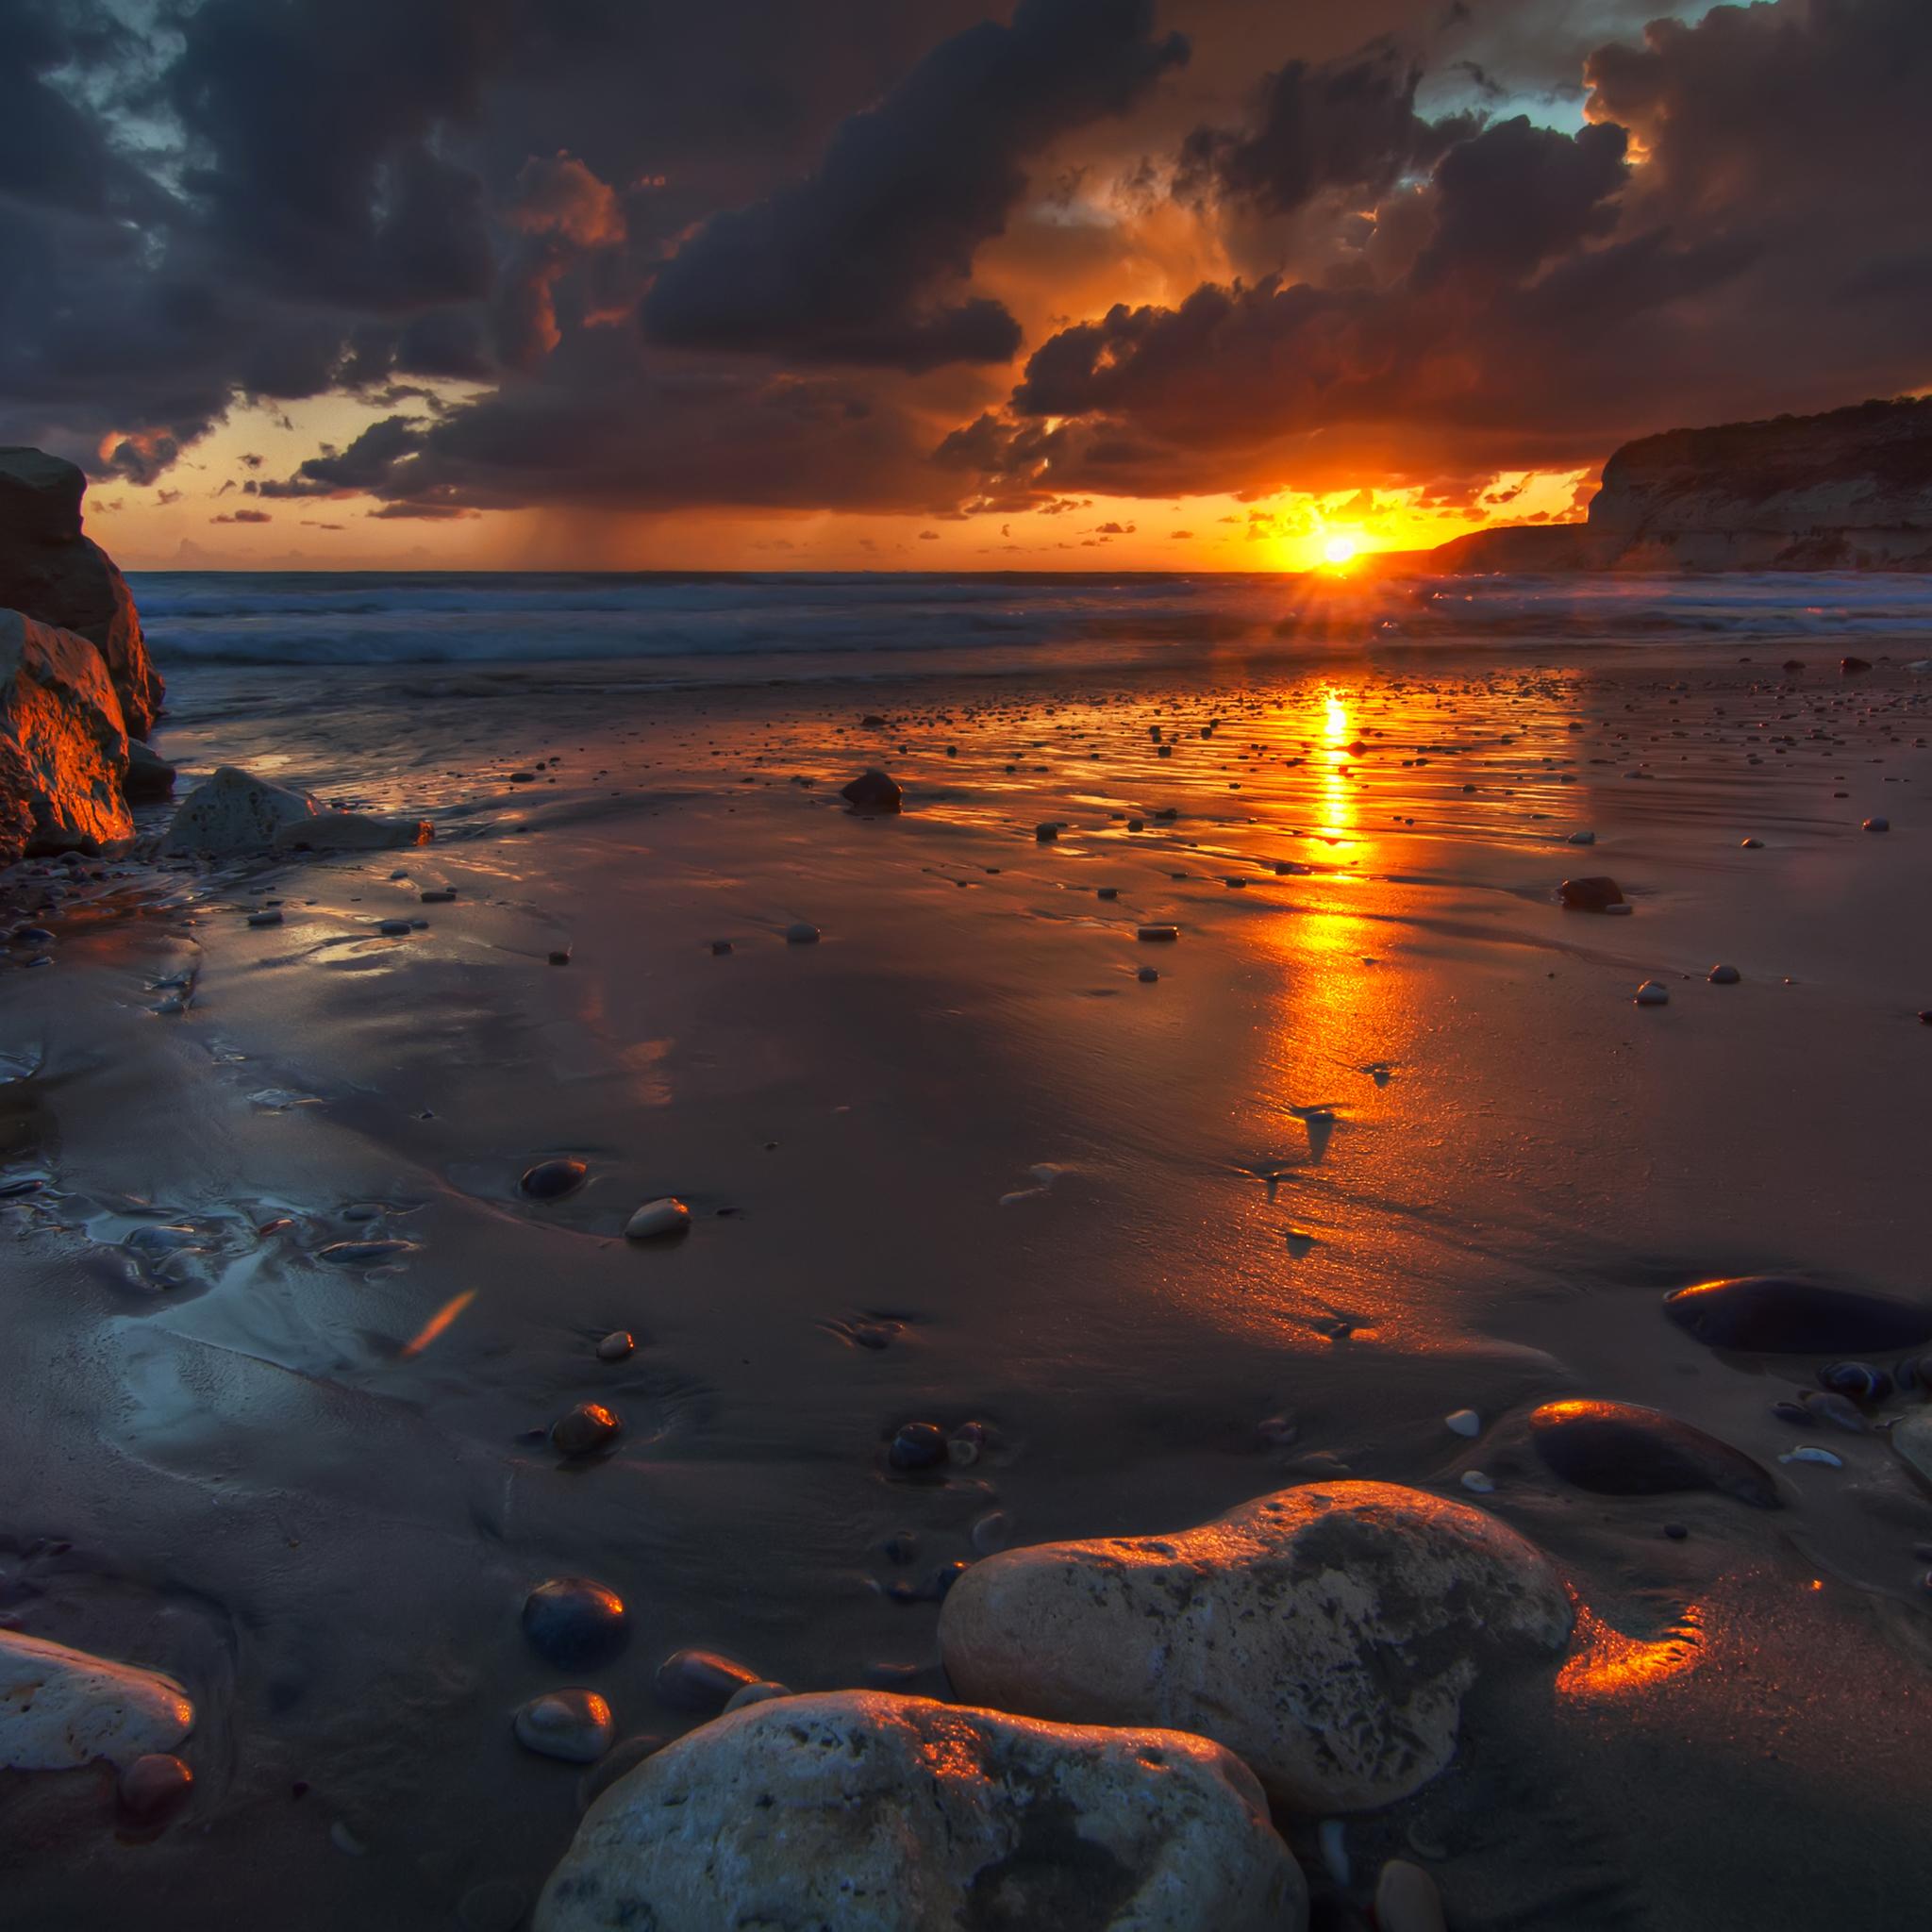 Sunset-Flames-3Wallpapers-iPad-Retina